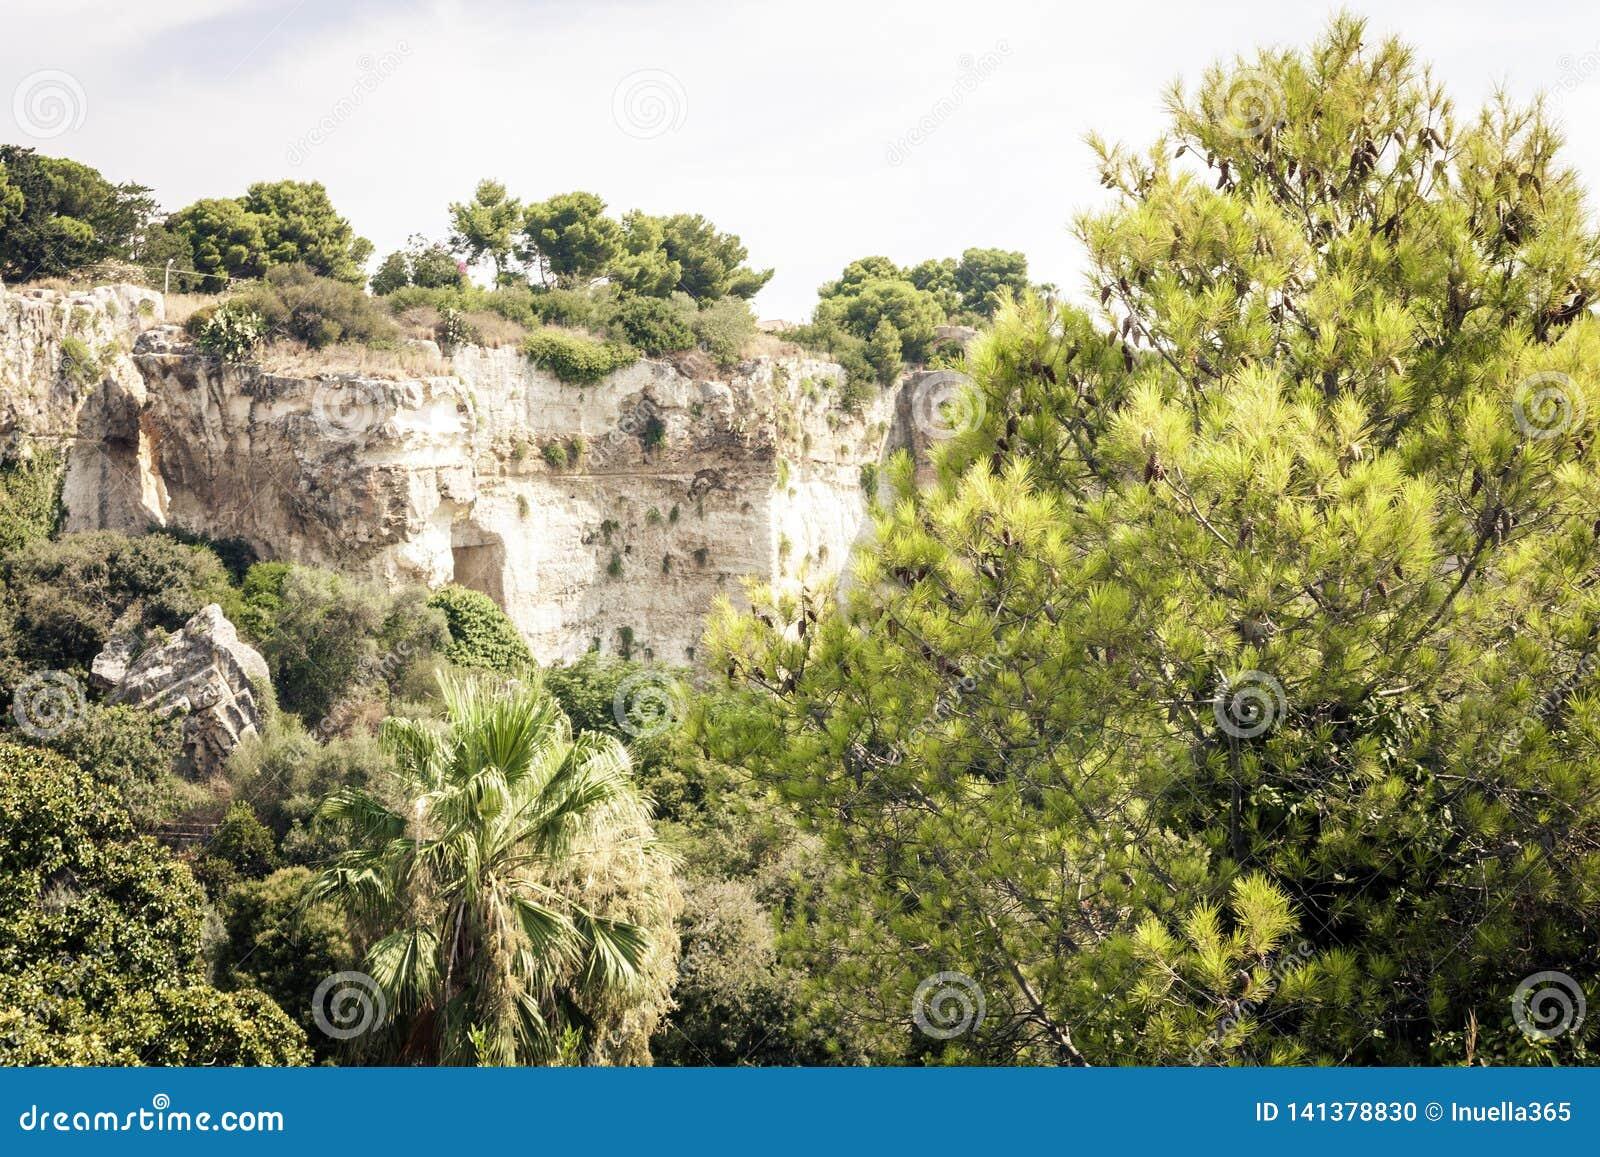 Archäologischer Park, Felsen nahe griechischem Theater von Syrakus, Ruinen des alten Monuments, Sizilien, Italien